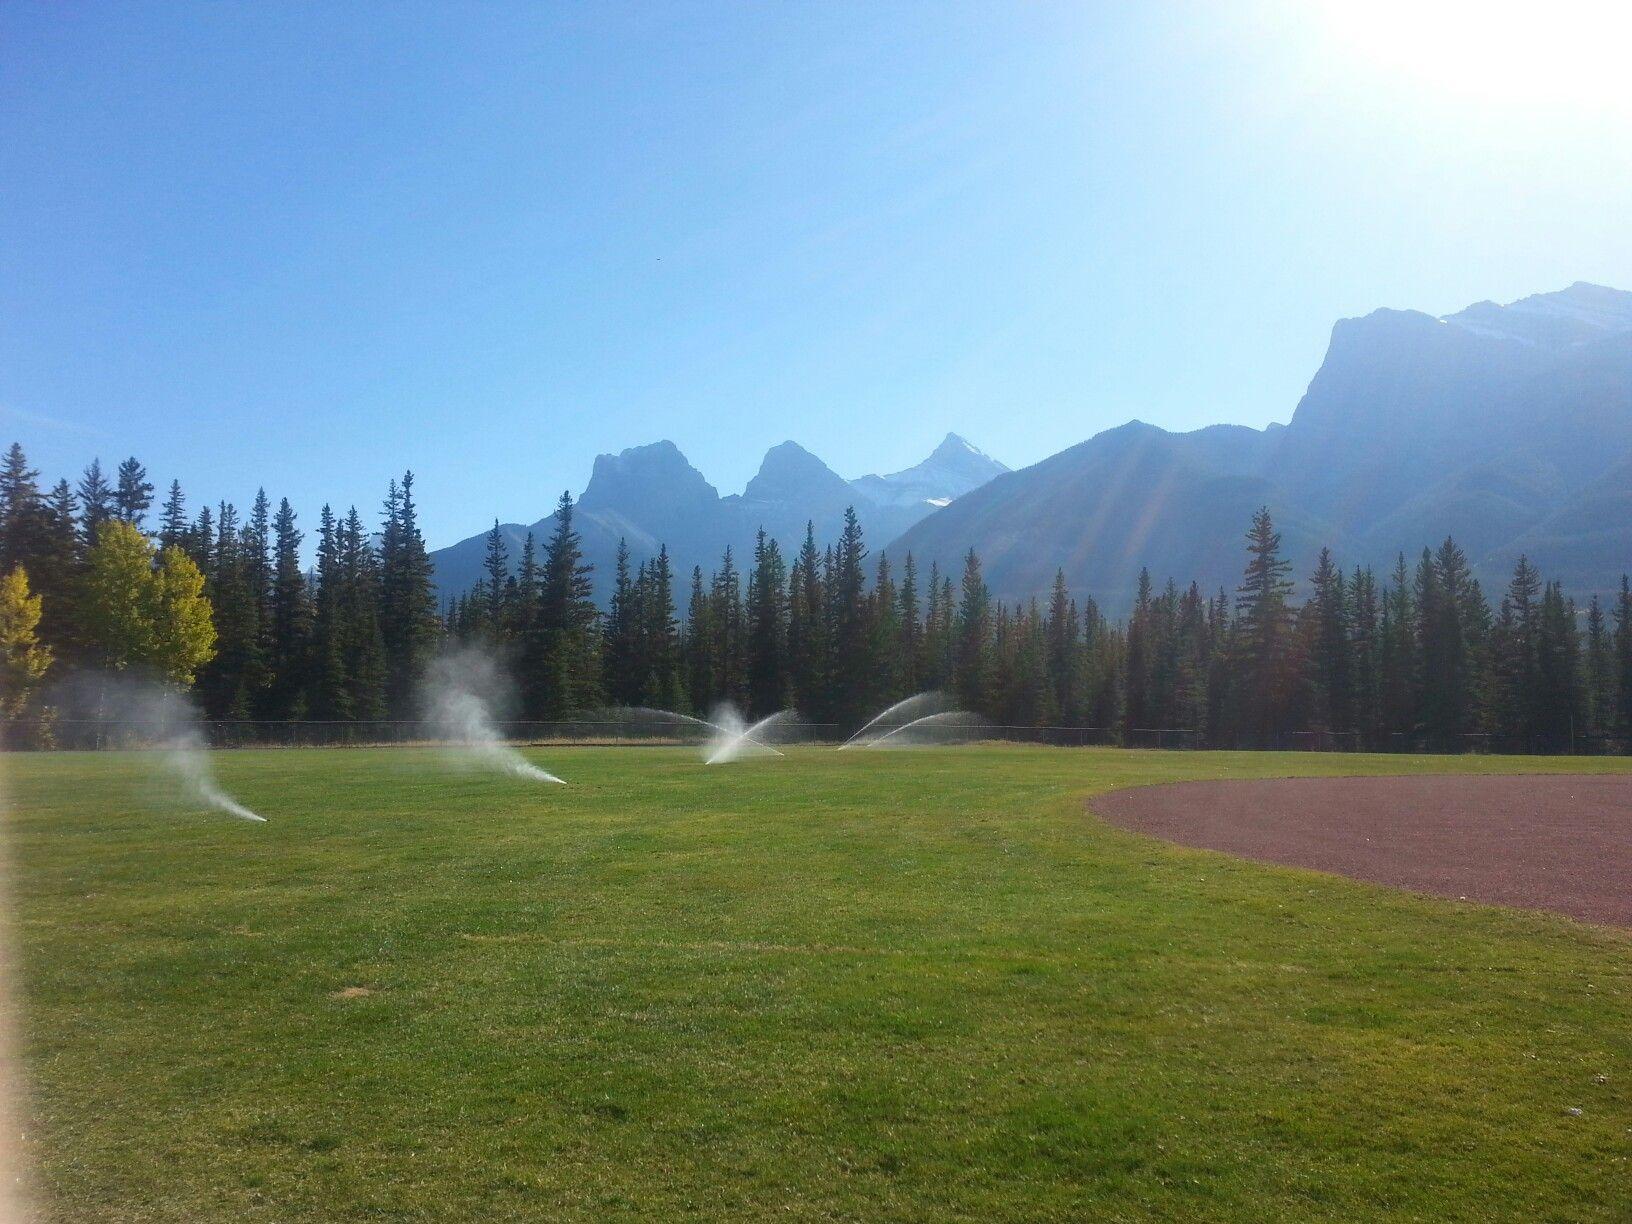 Fall sprinkler blowouts or sprinkler winterizing or